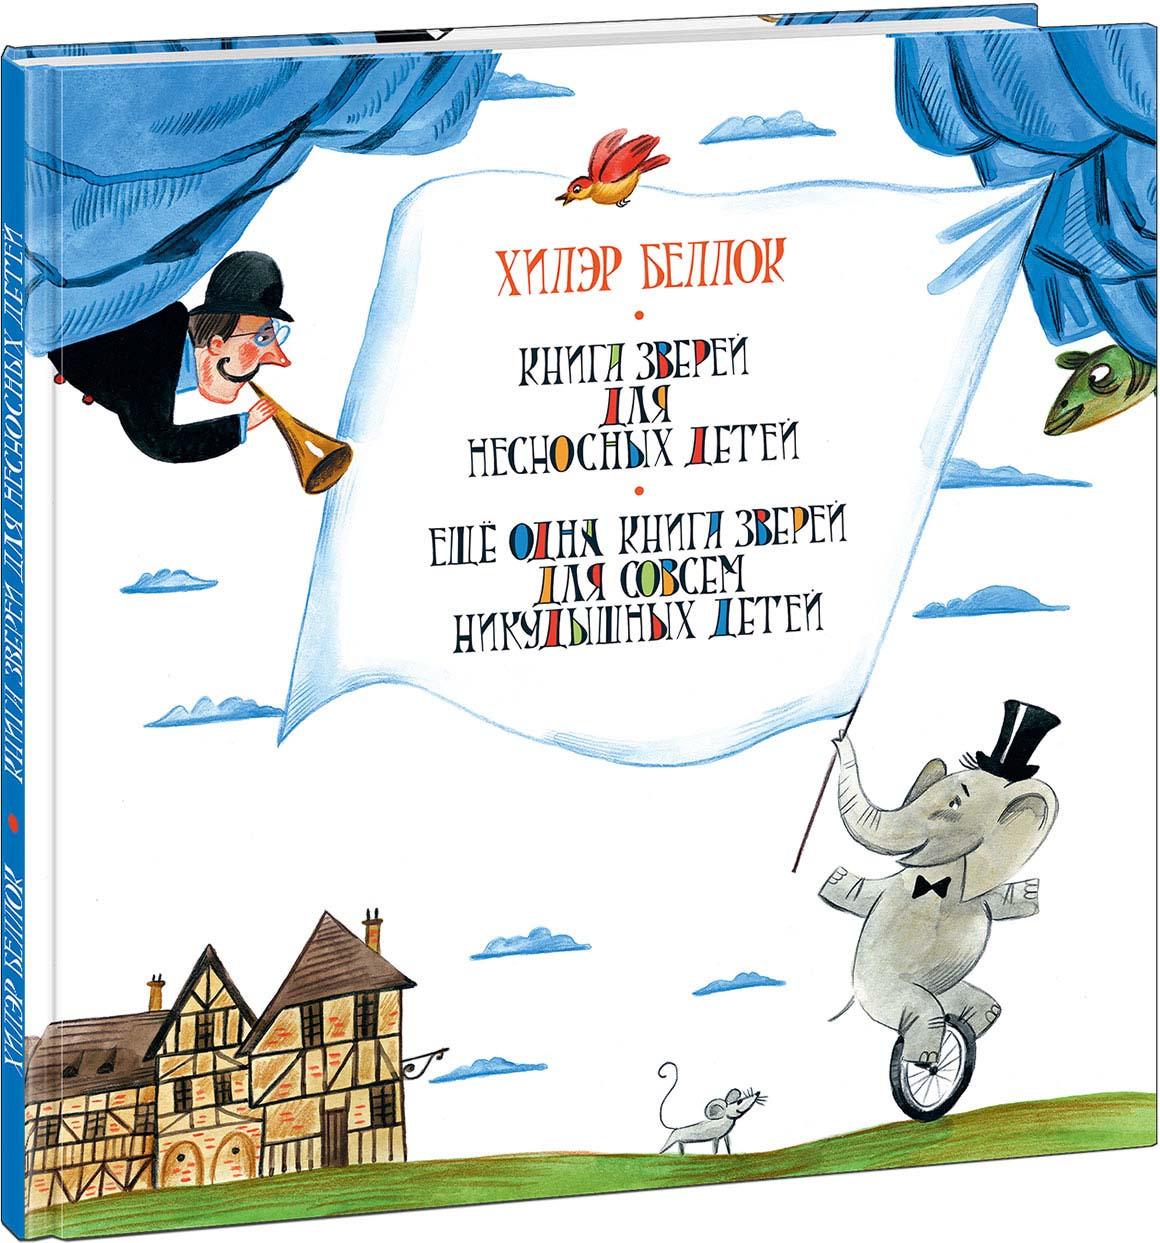 Хилэр Беллок Книга зверей для несносных детей. Еще одна книга зверей для совсем никудышных детей